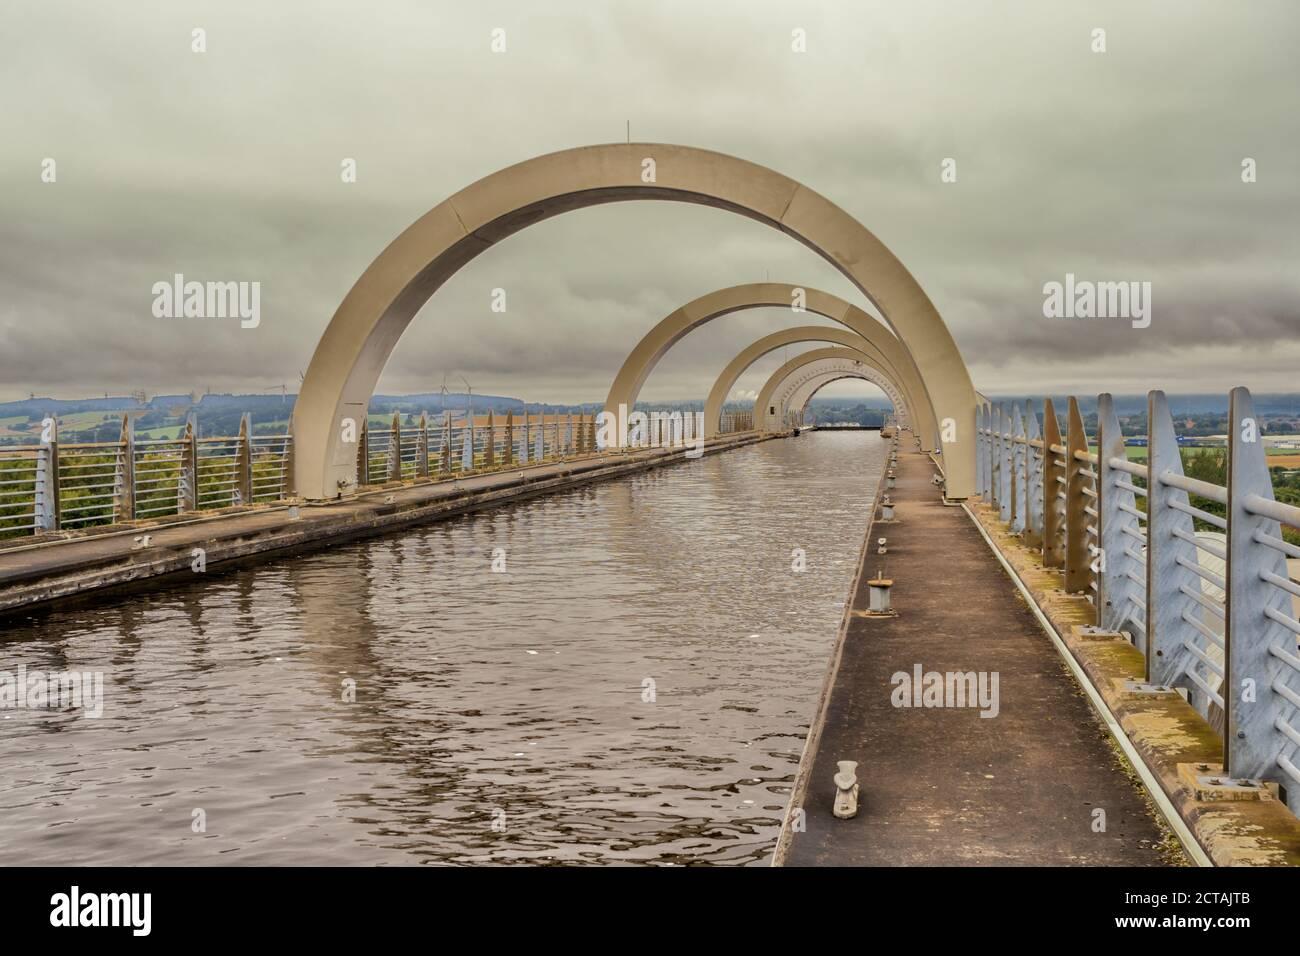 20.09.2020 Falkirk, Écosse, Royaume-Uni. La roue de Falkirk est un pont tournant dans le centre de l'Écosse, reliant le Forth et le canal de Clyde avec l'Union C. Banque D'Images